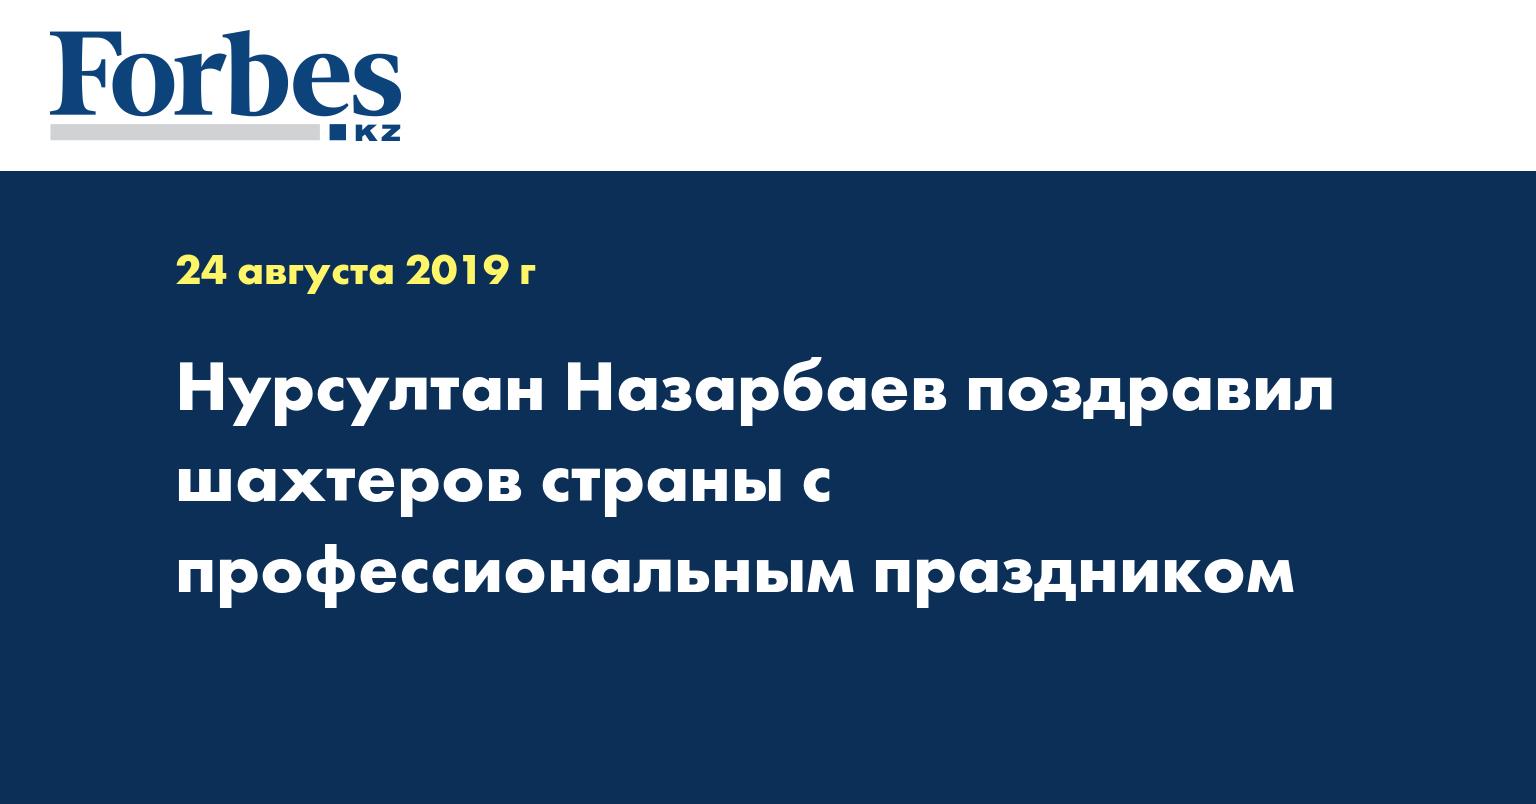 Нурсултан Назарбаев поздравил шахтеров страны с профессиональным праздником